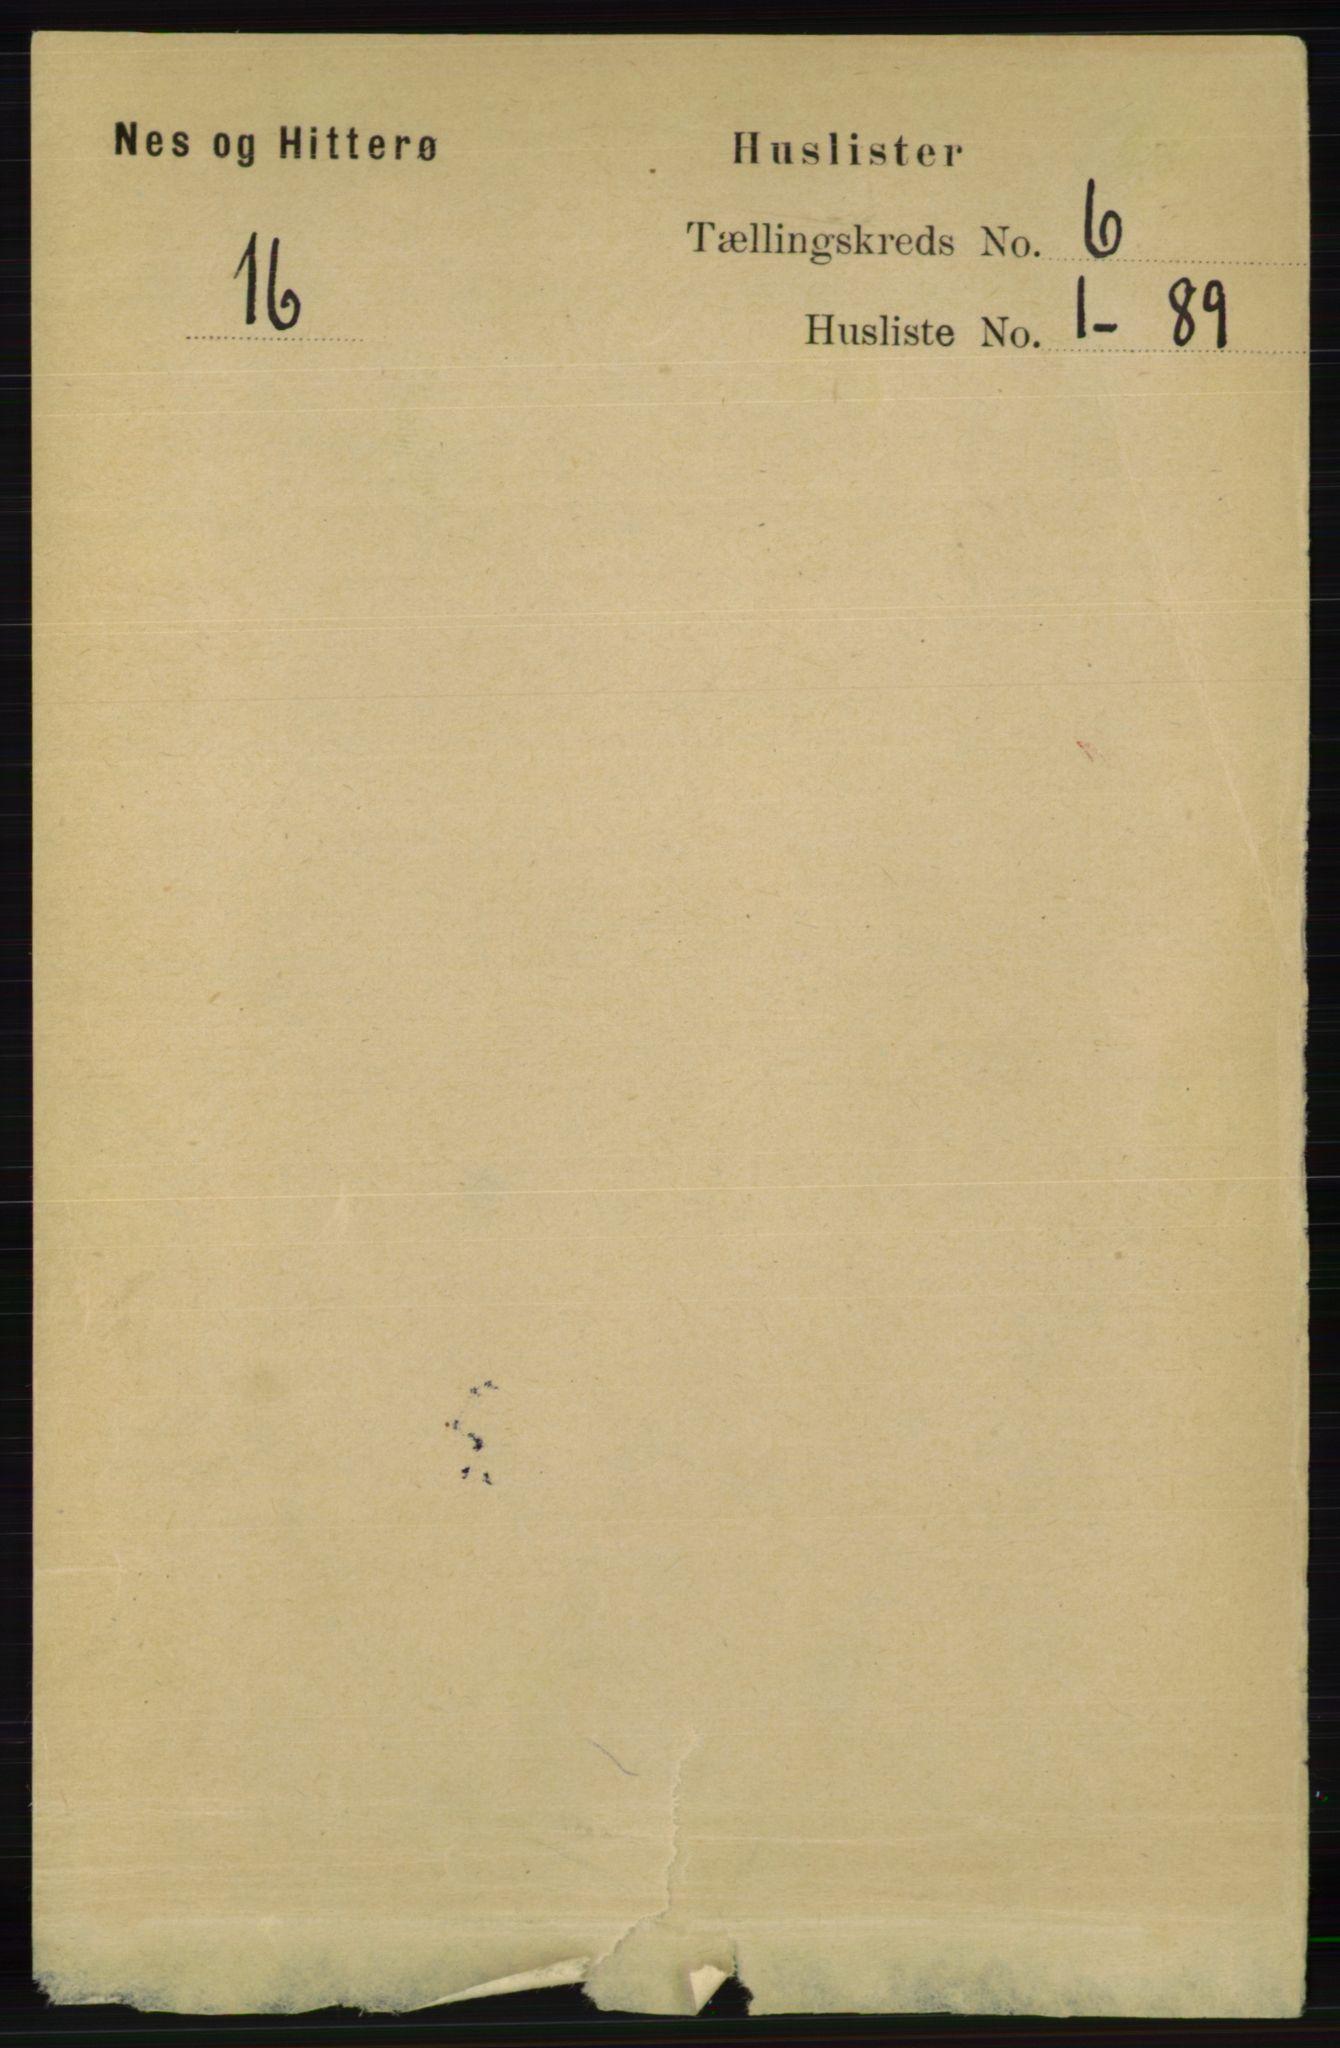 RA, Folketelling 1891 for 1043 Hidra og Nes herred, 1891, s. 2154